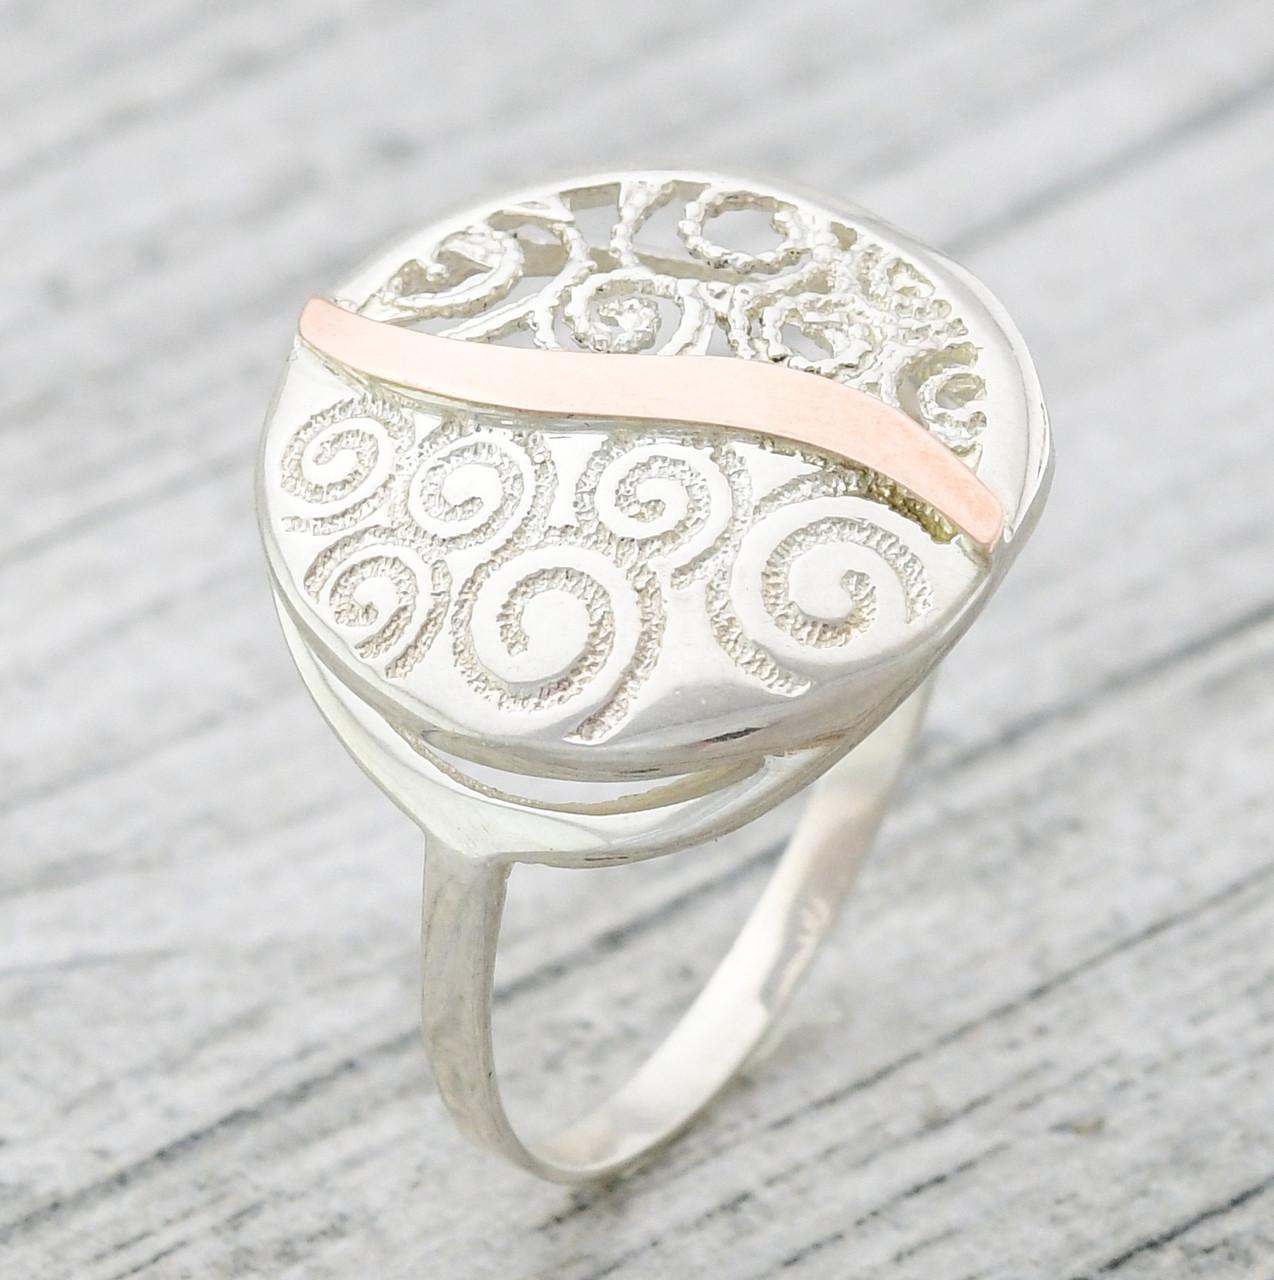 Серебряное кольцо с золотом Волна вес 3.8 г размер 19